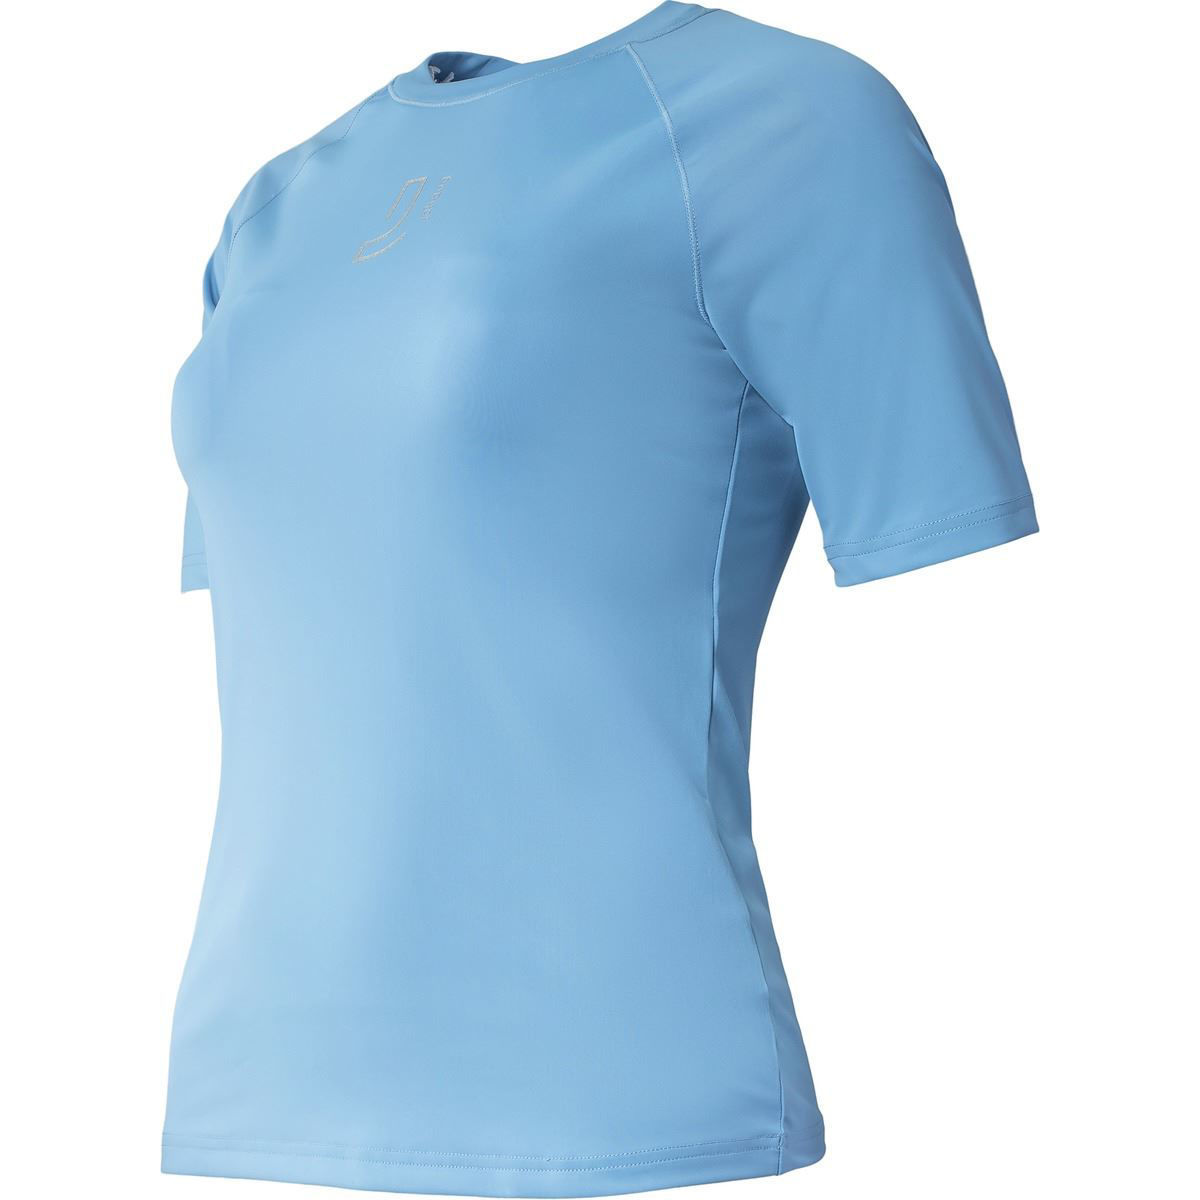 Blå t-skjorte til dame